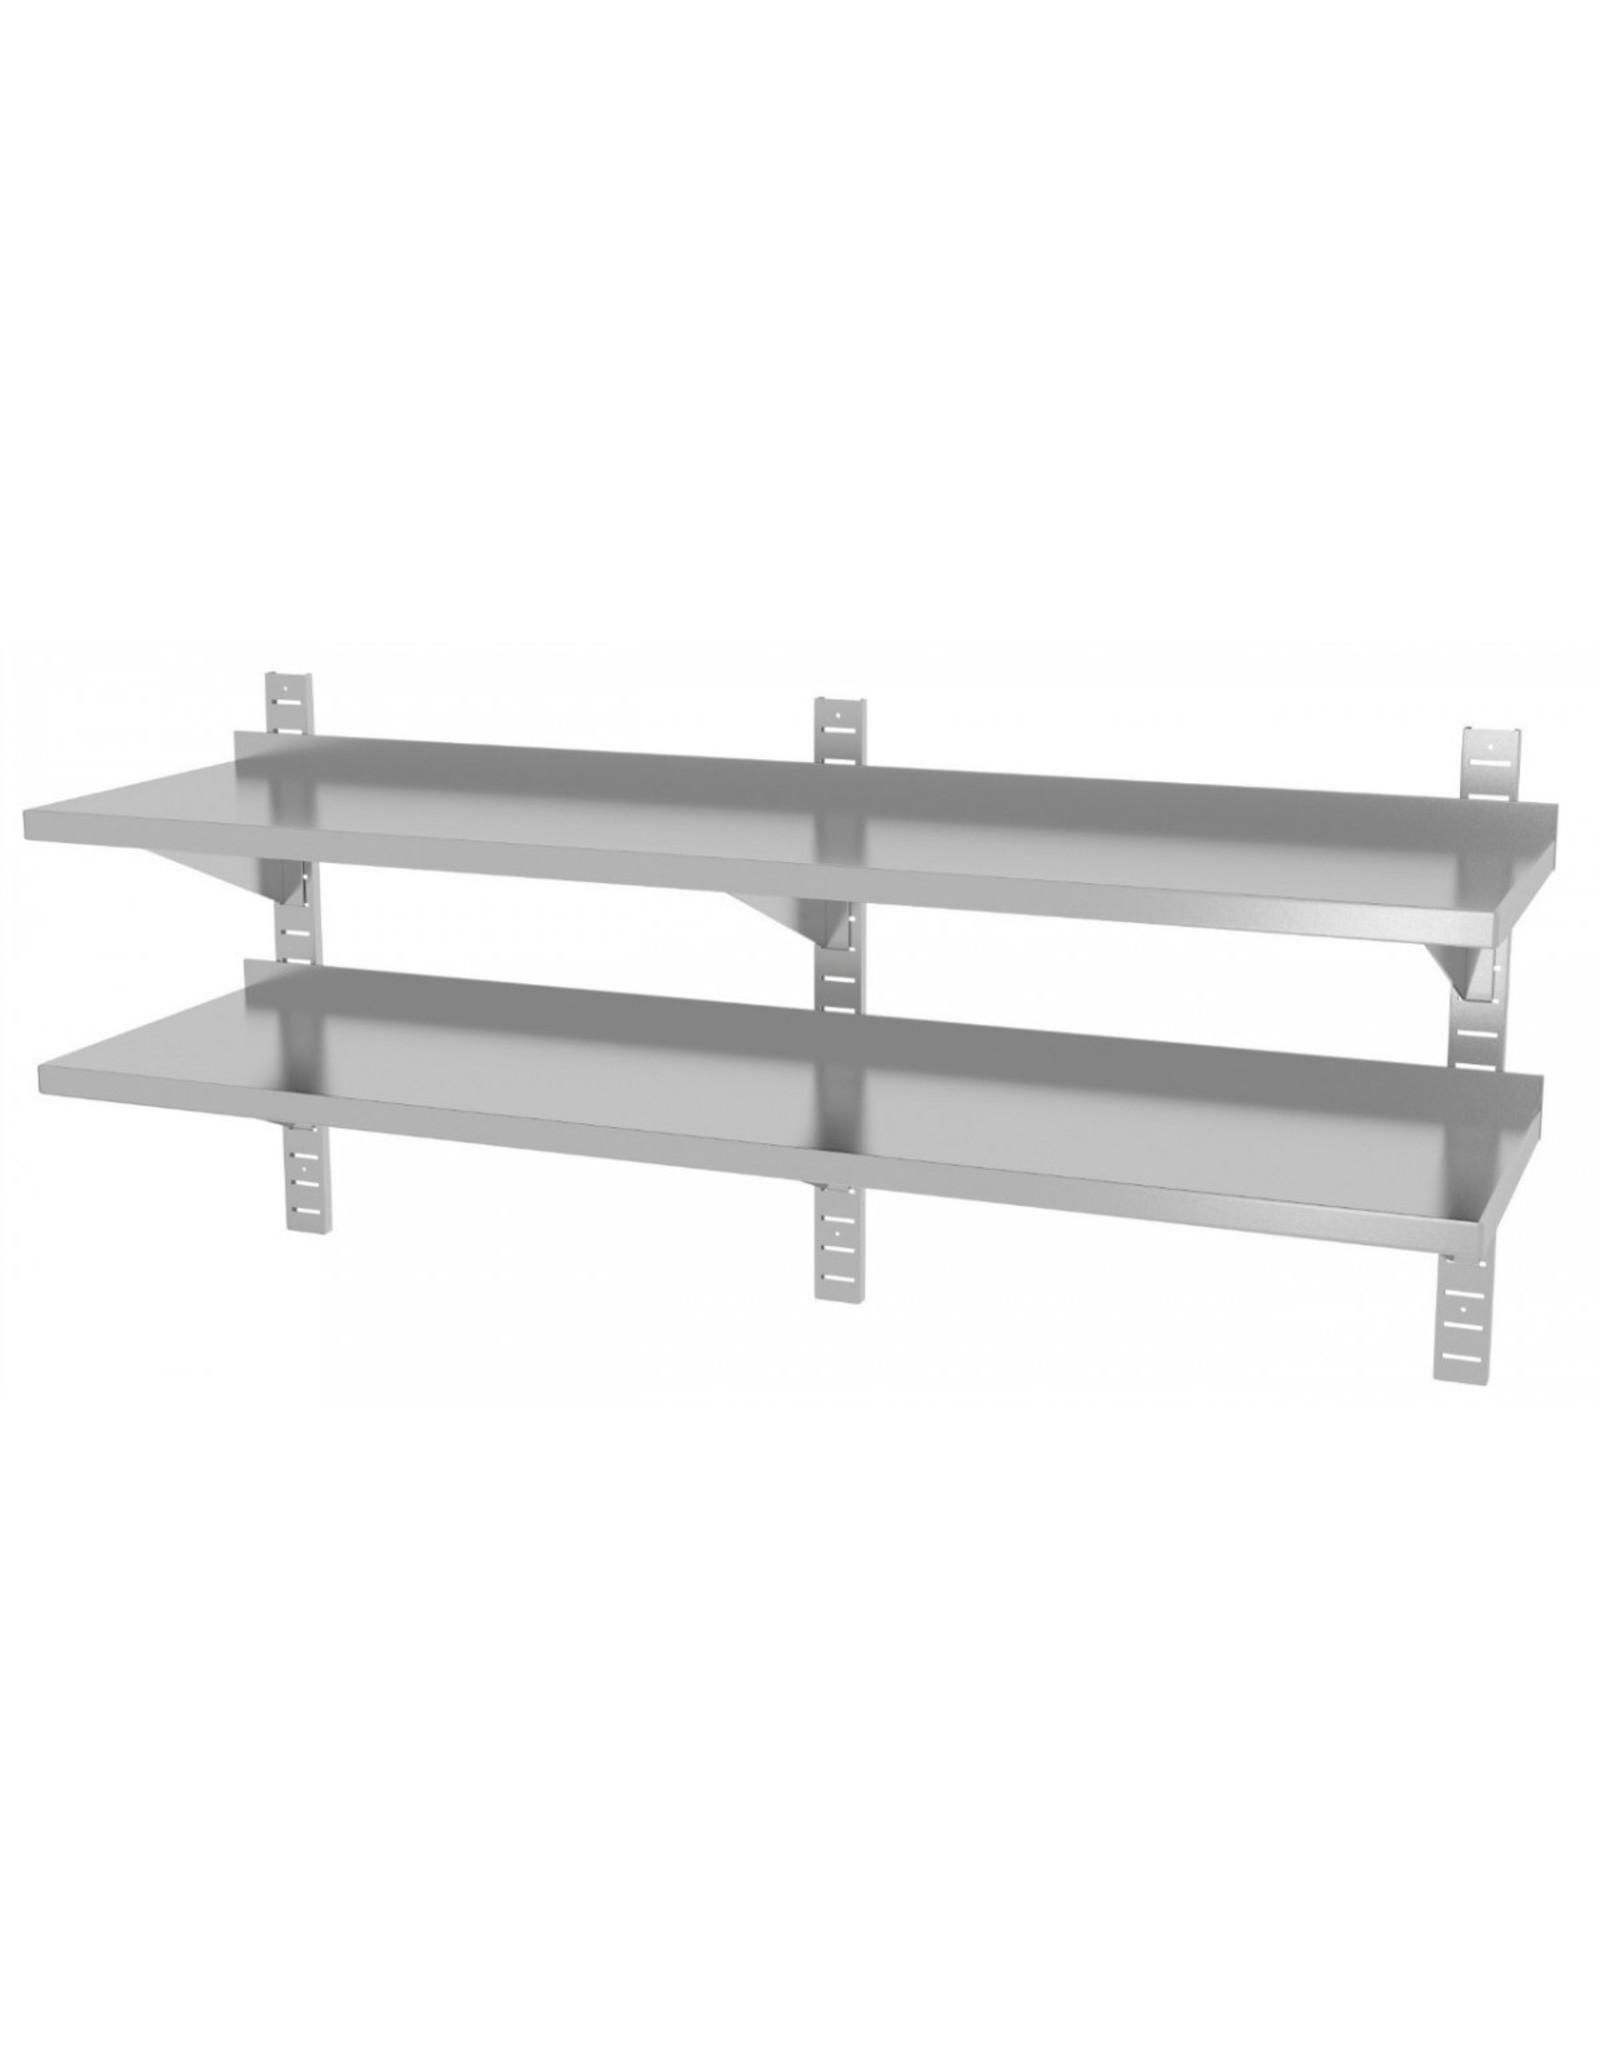 Wandplank | 2 planken | met 3 beugels | 1600-2000mm breed | 300 of 400mm diep